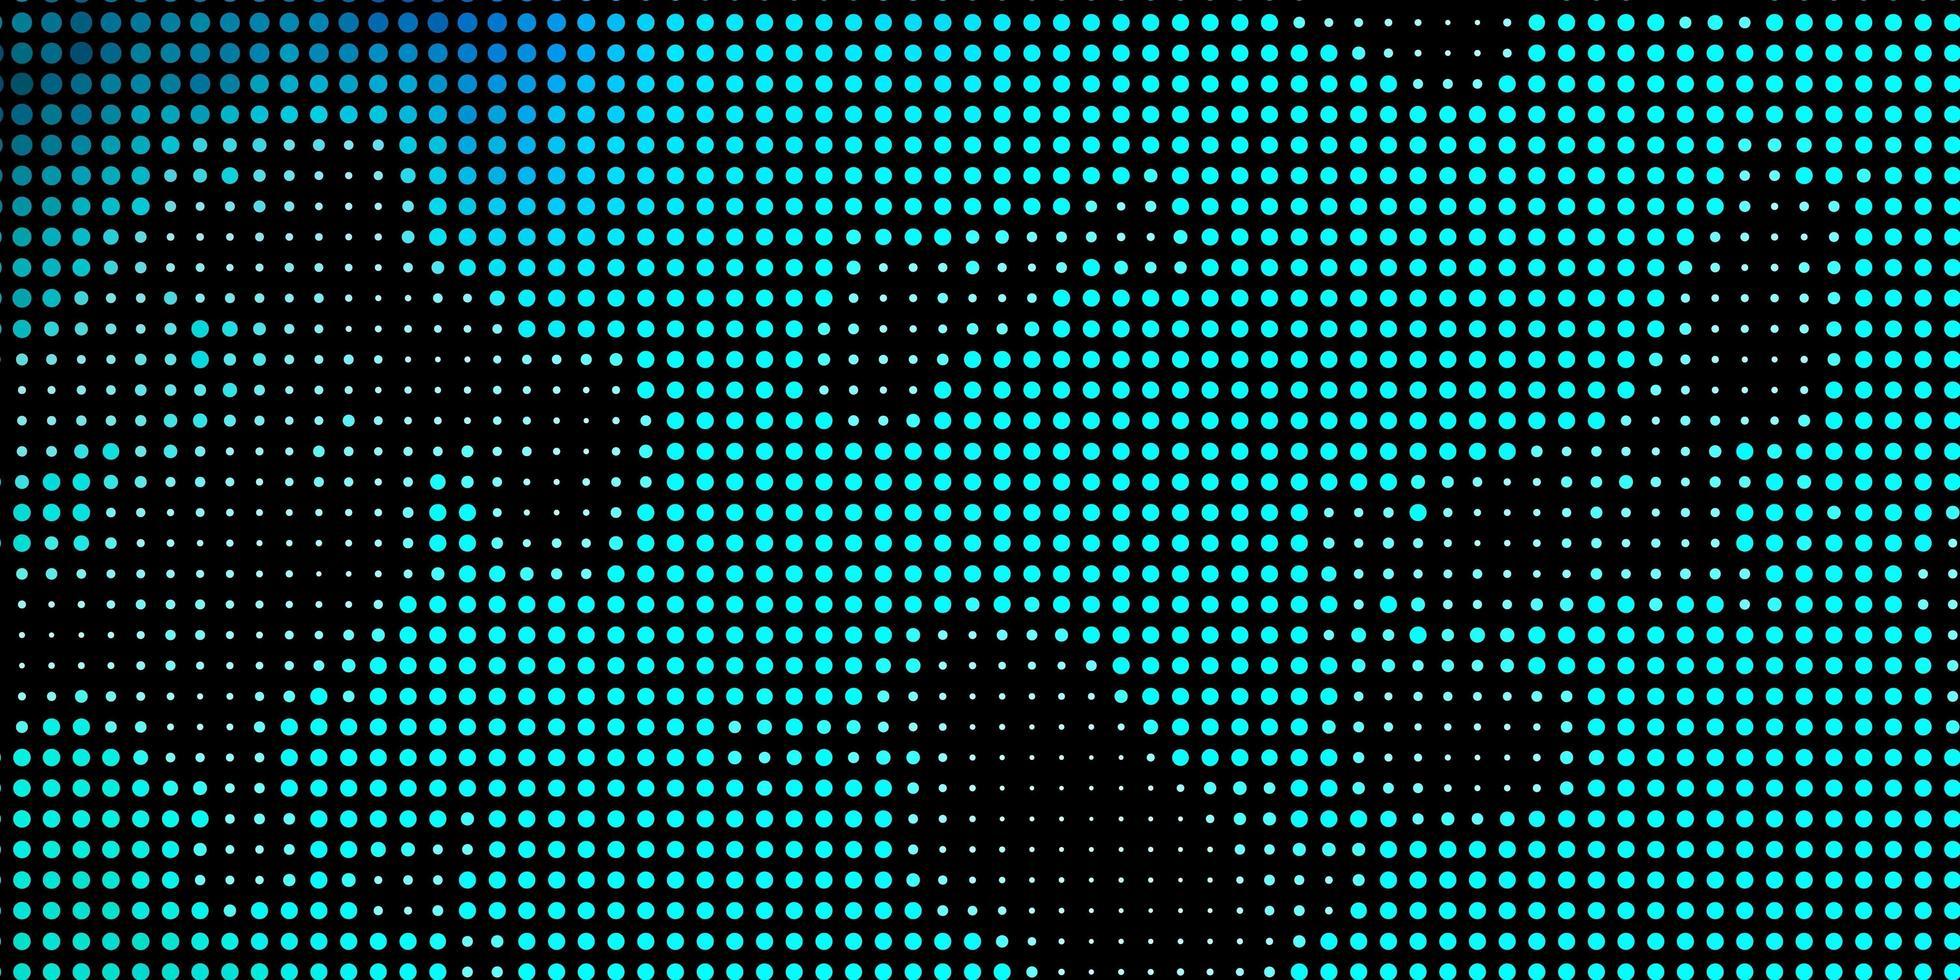 lichtblauwe vectortextuur met cirkels vector